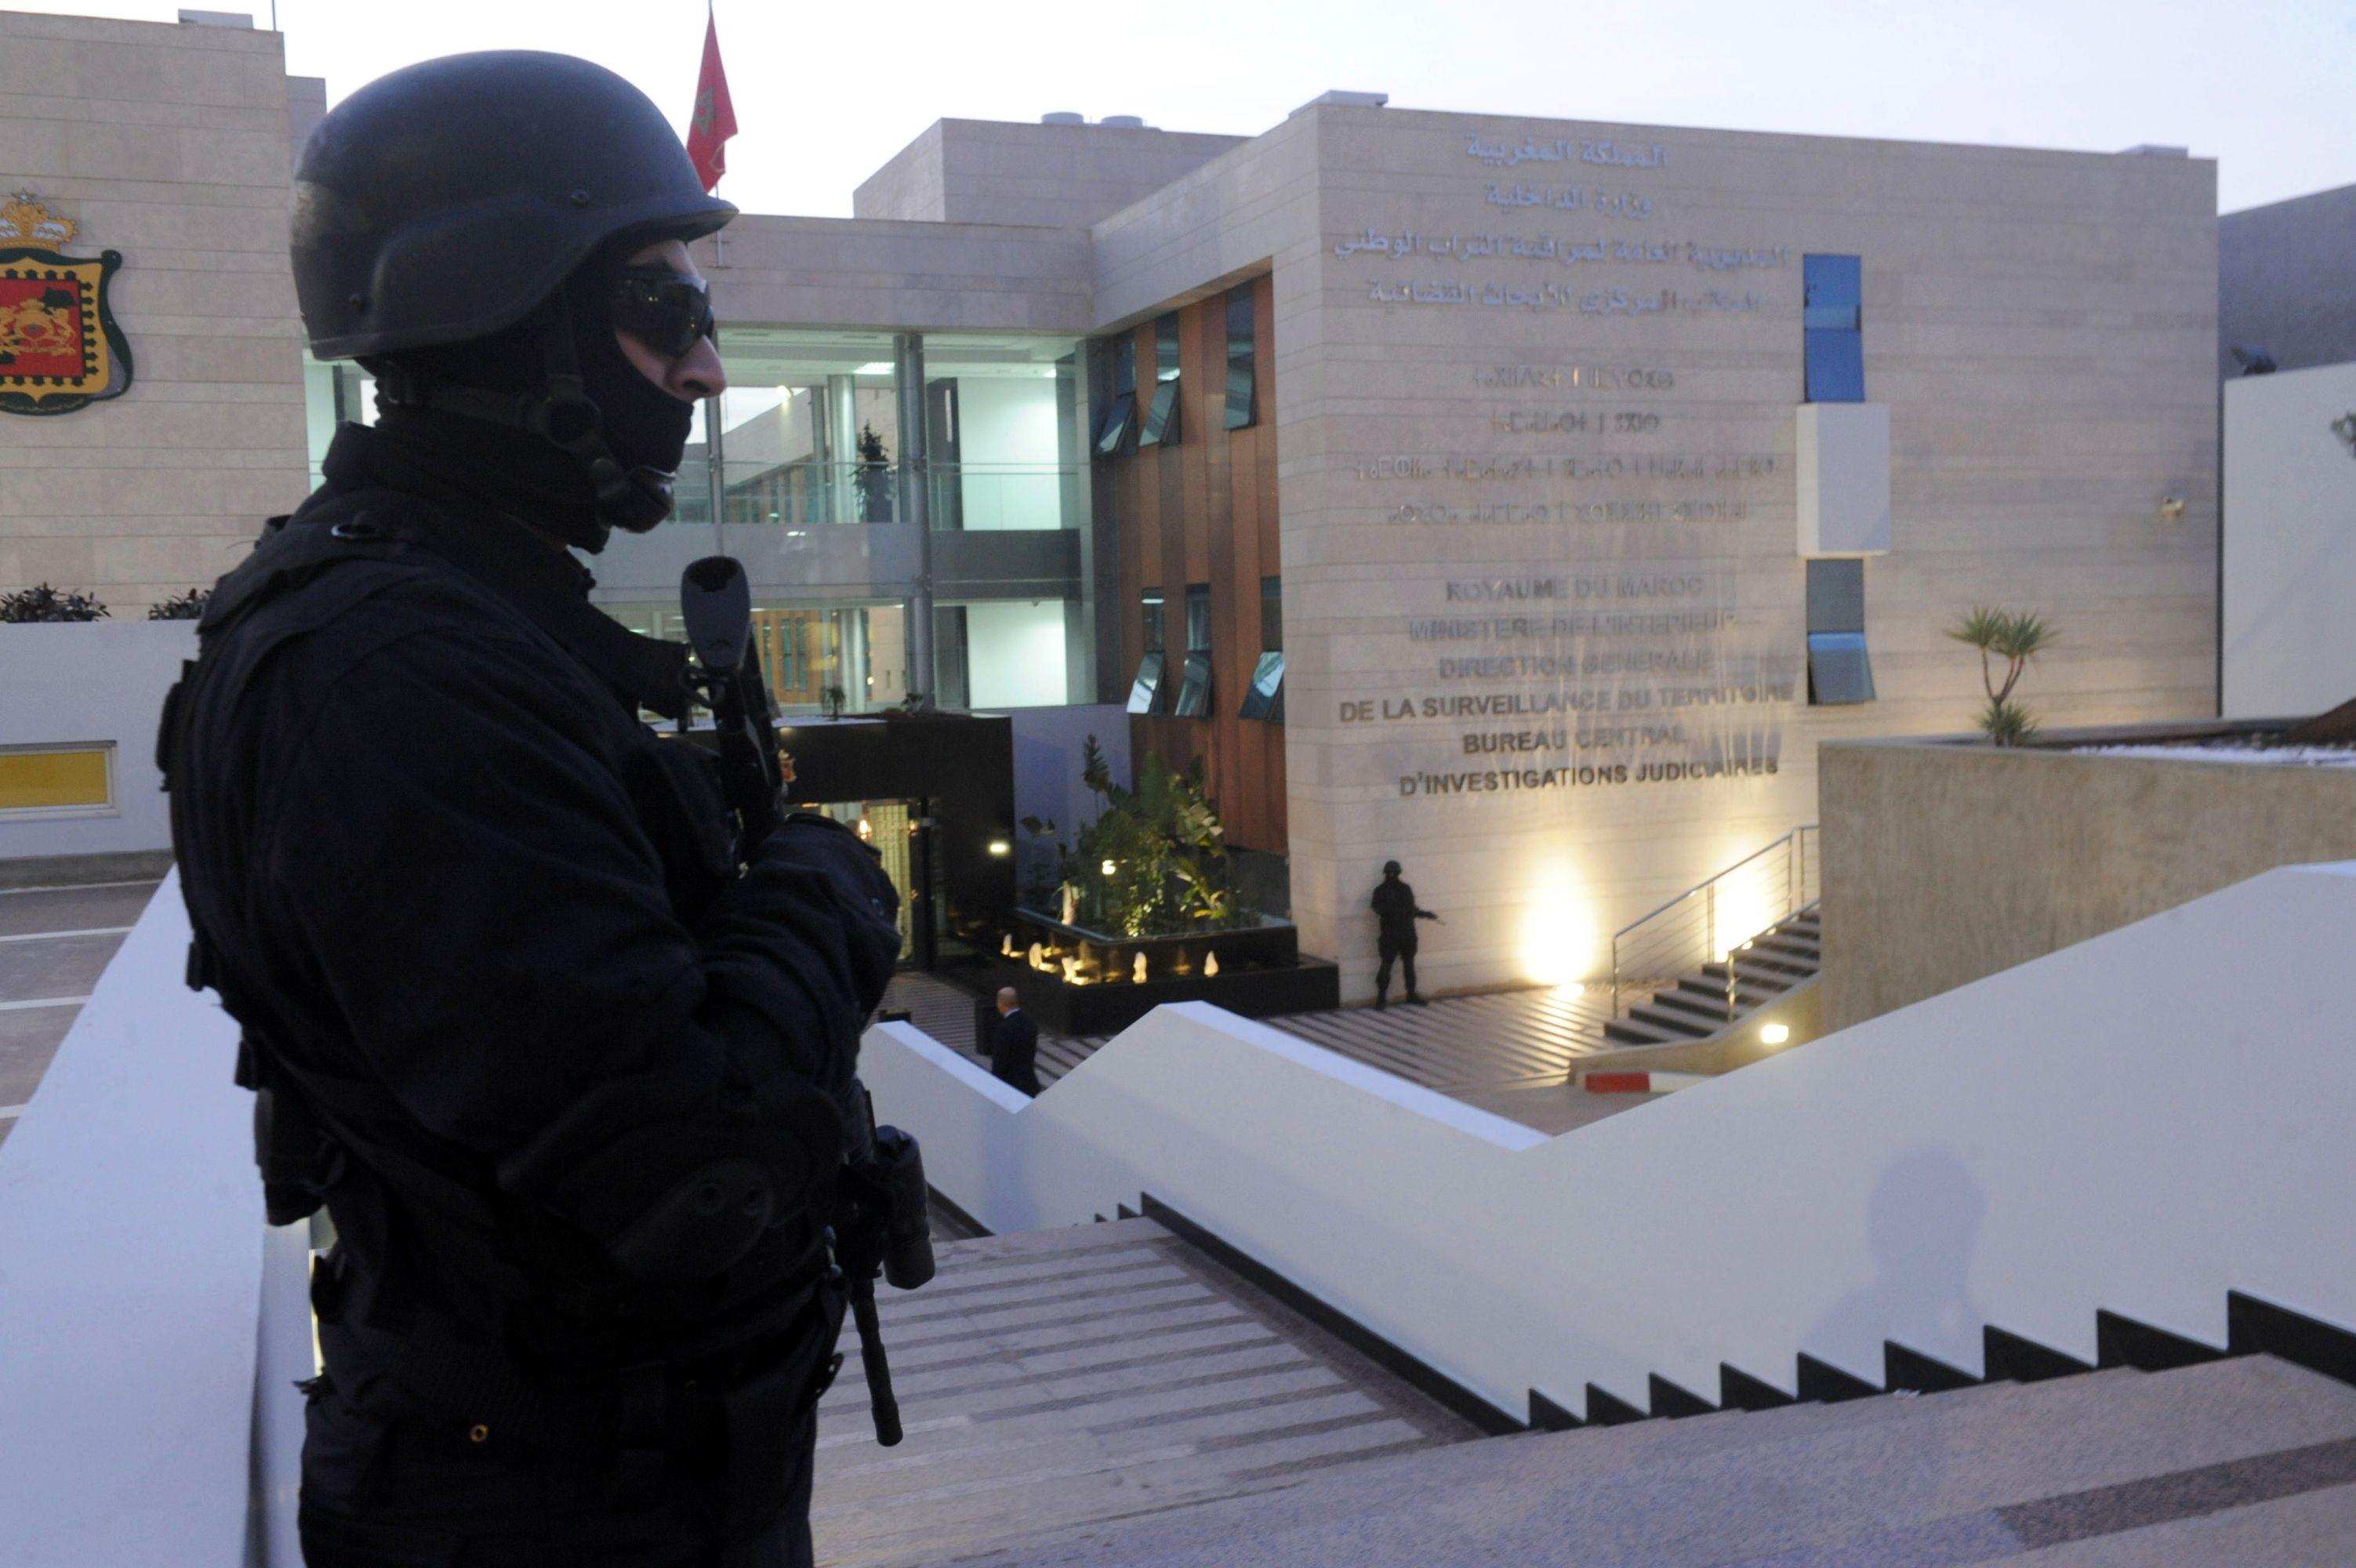 عاجل : المكتب المركزي للأبحاث القضائية يوقف بلجيكيا على صلة مباشرة بمنفذي اعتداءات باريس